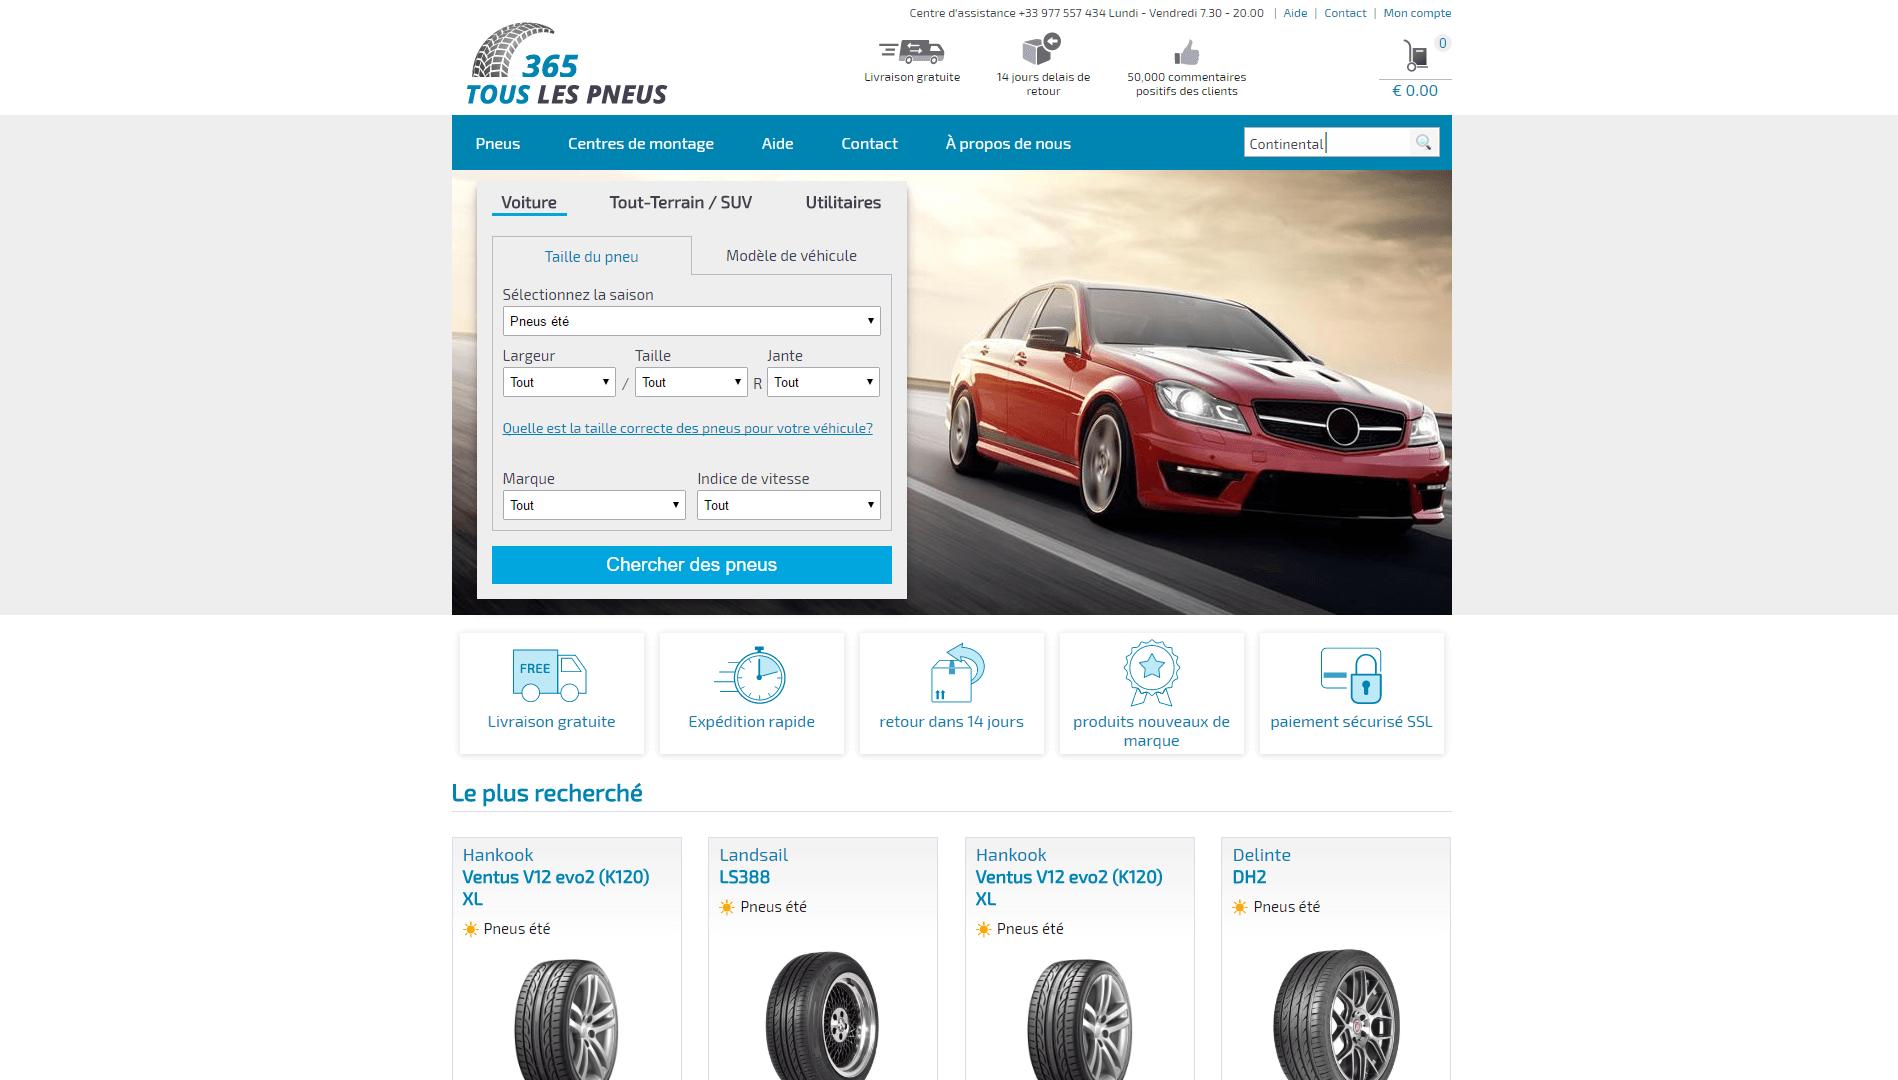 Page d'accueil du site Touslespneus365.